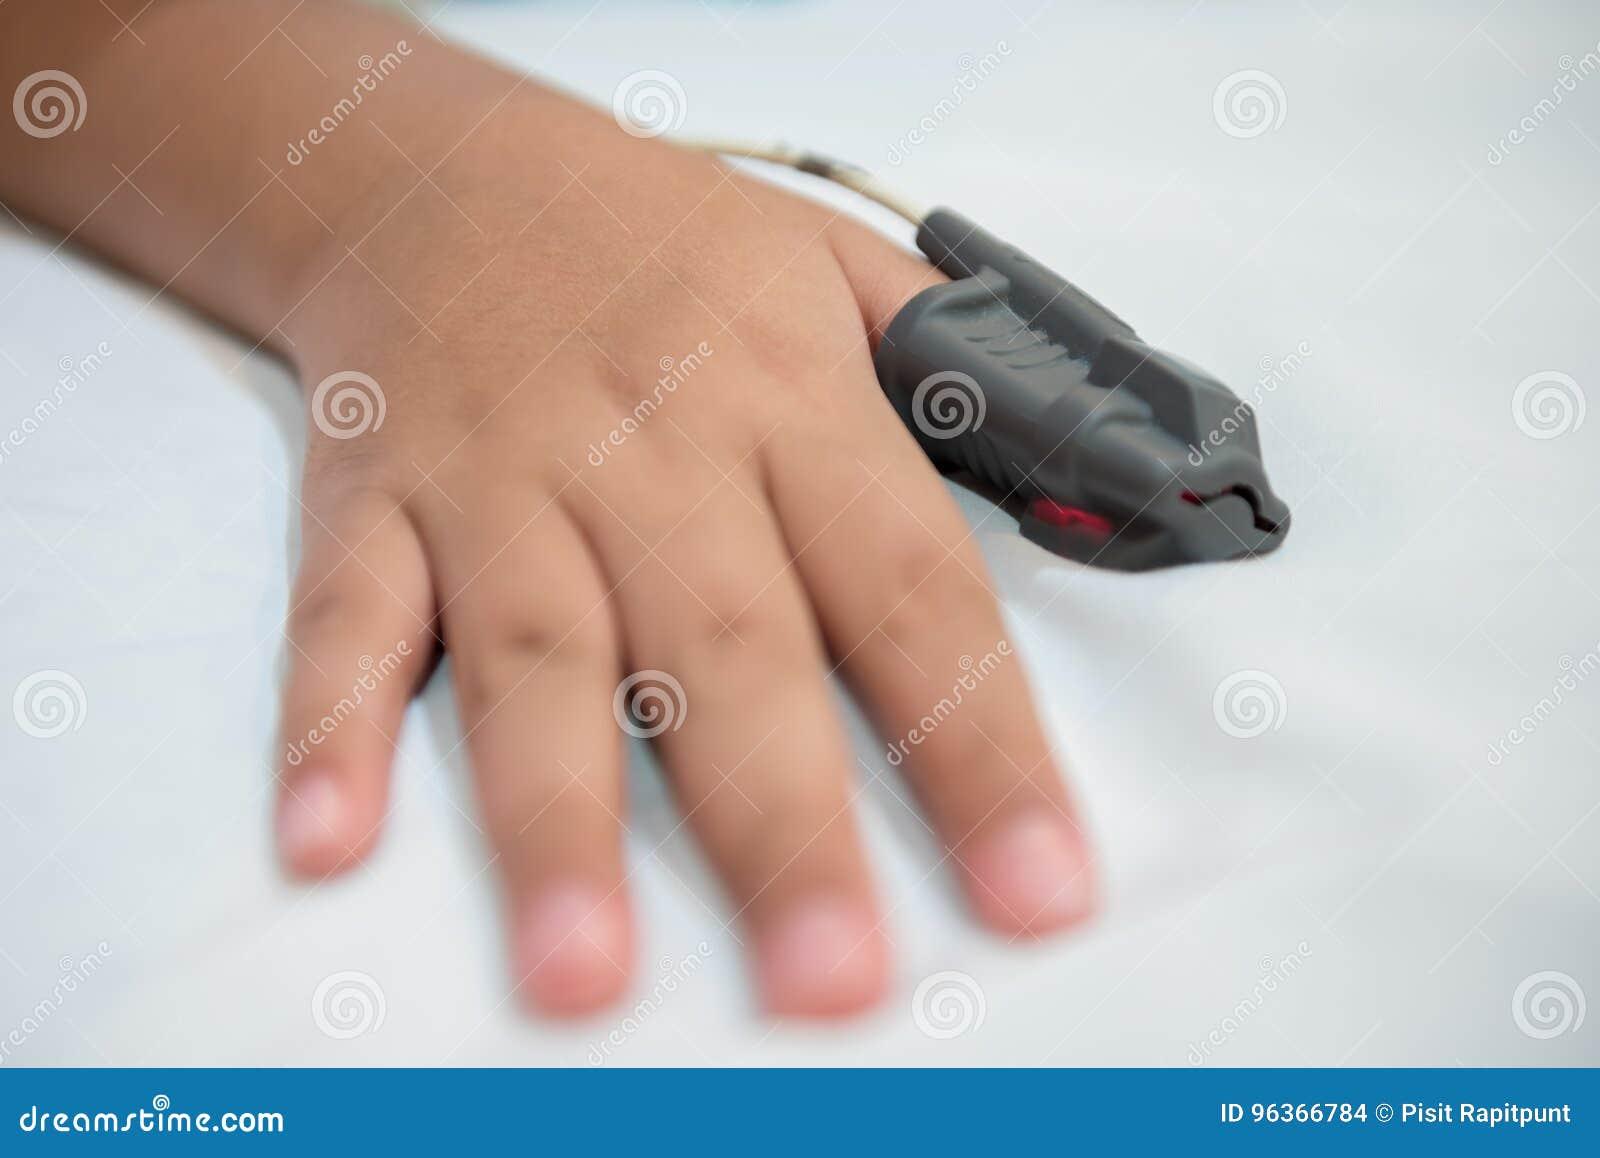 Χέρι του ασιατικού αγοριού στο νοσοκομείο που φορά τη διαγνωστική εξάρτηση ιατρικών συσκευών ασφυξίας ύπνου